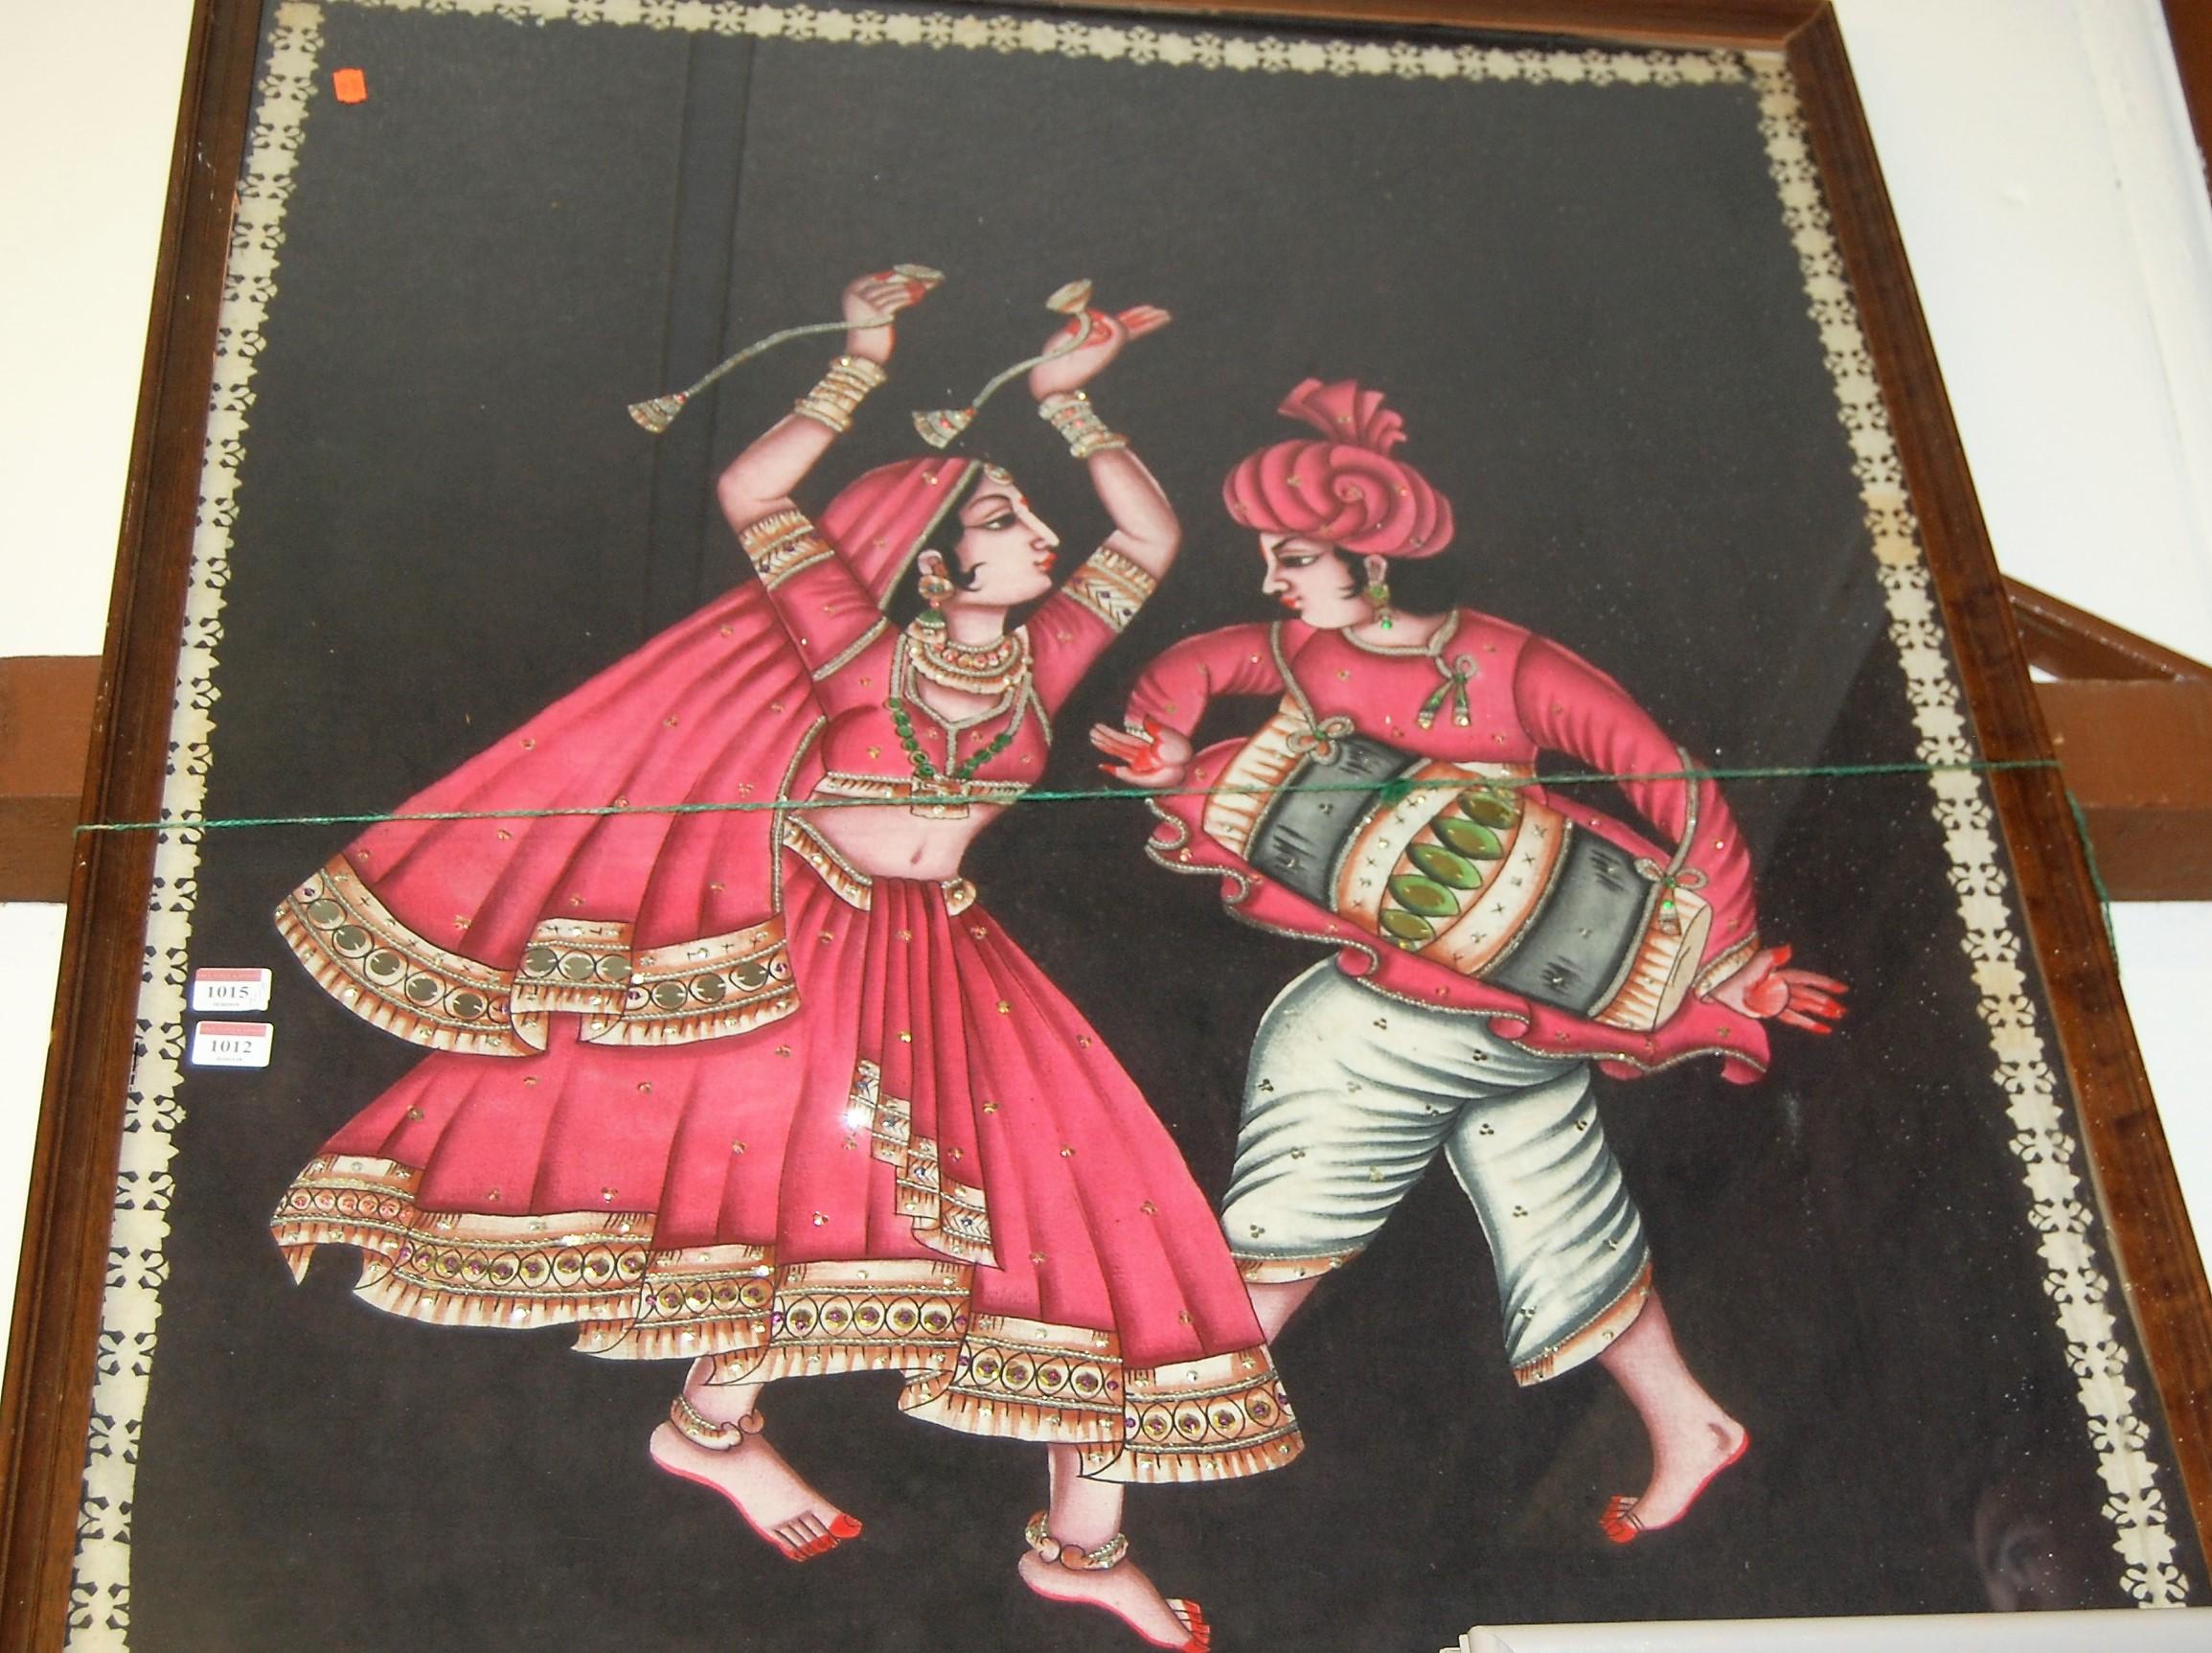 Lot 1012 - Indian school - Dancers, mixed media on batik, 116 x 85cm